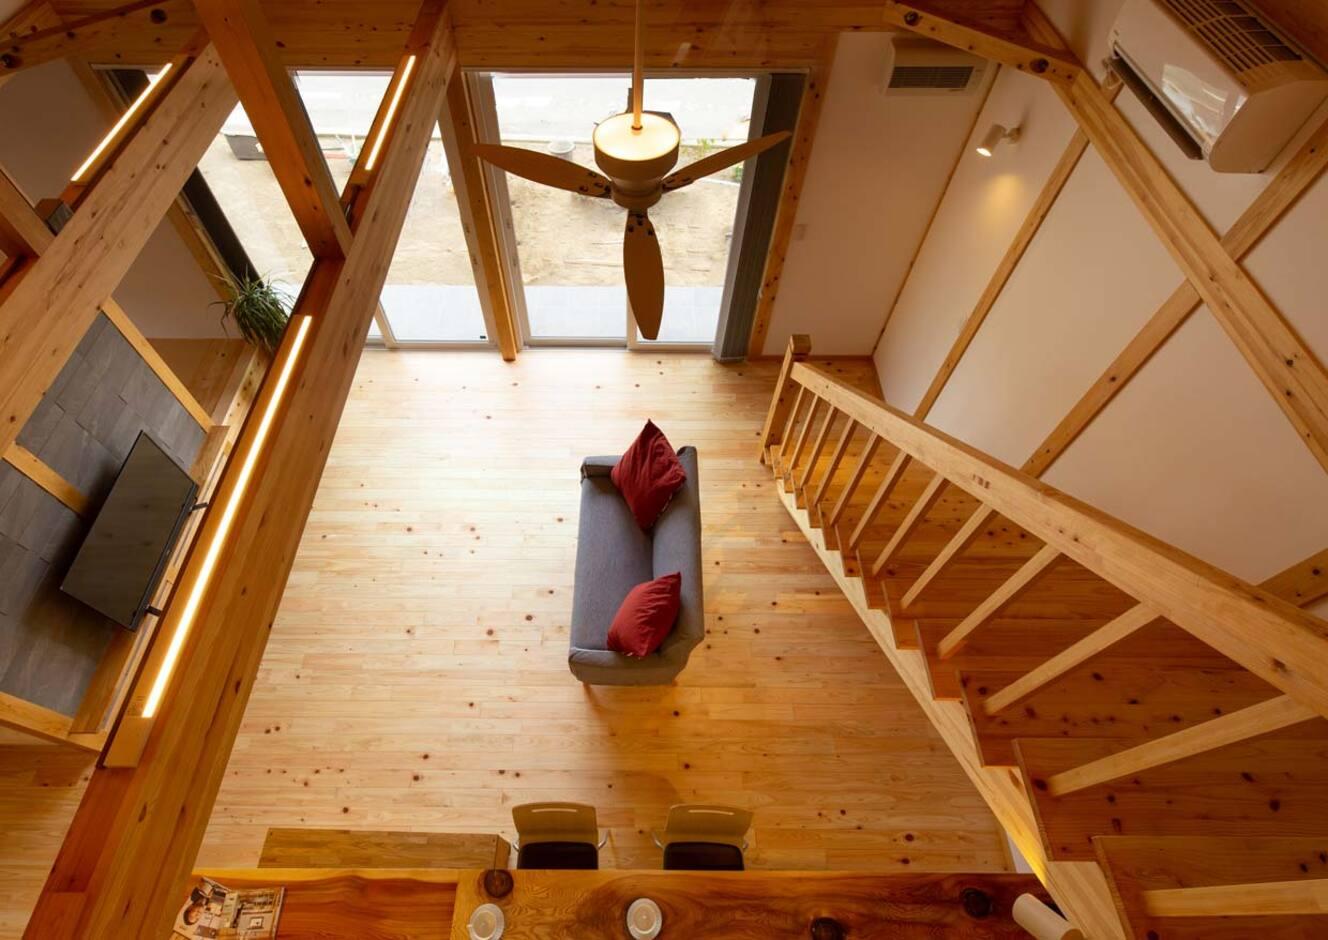 サイエンスホーム山梨【甲府市中町3-15・モデルハウス】無垢の木で包まれた吹き抜けでストレスフリー効果も